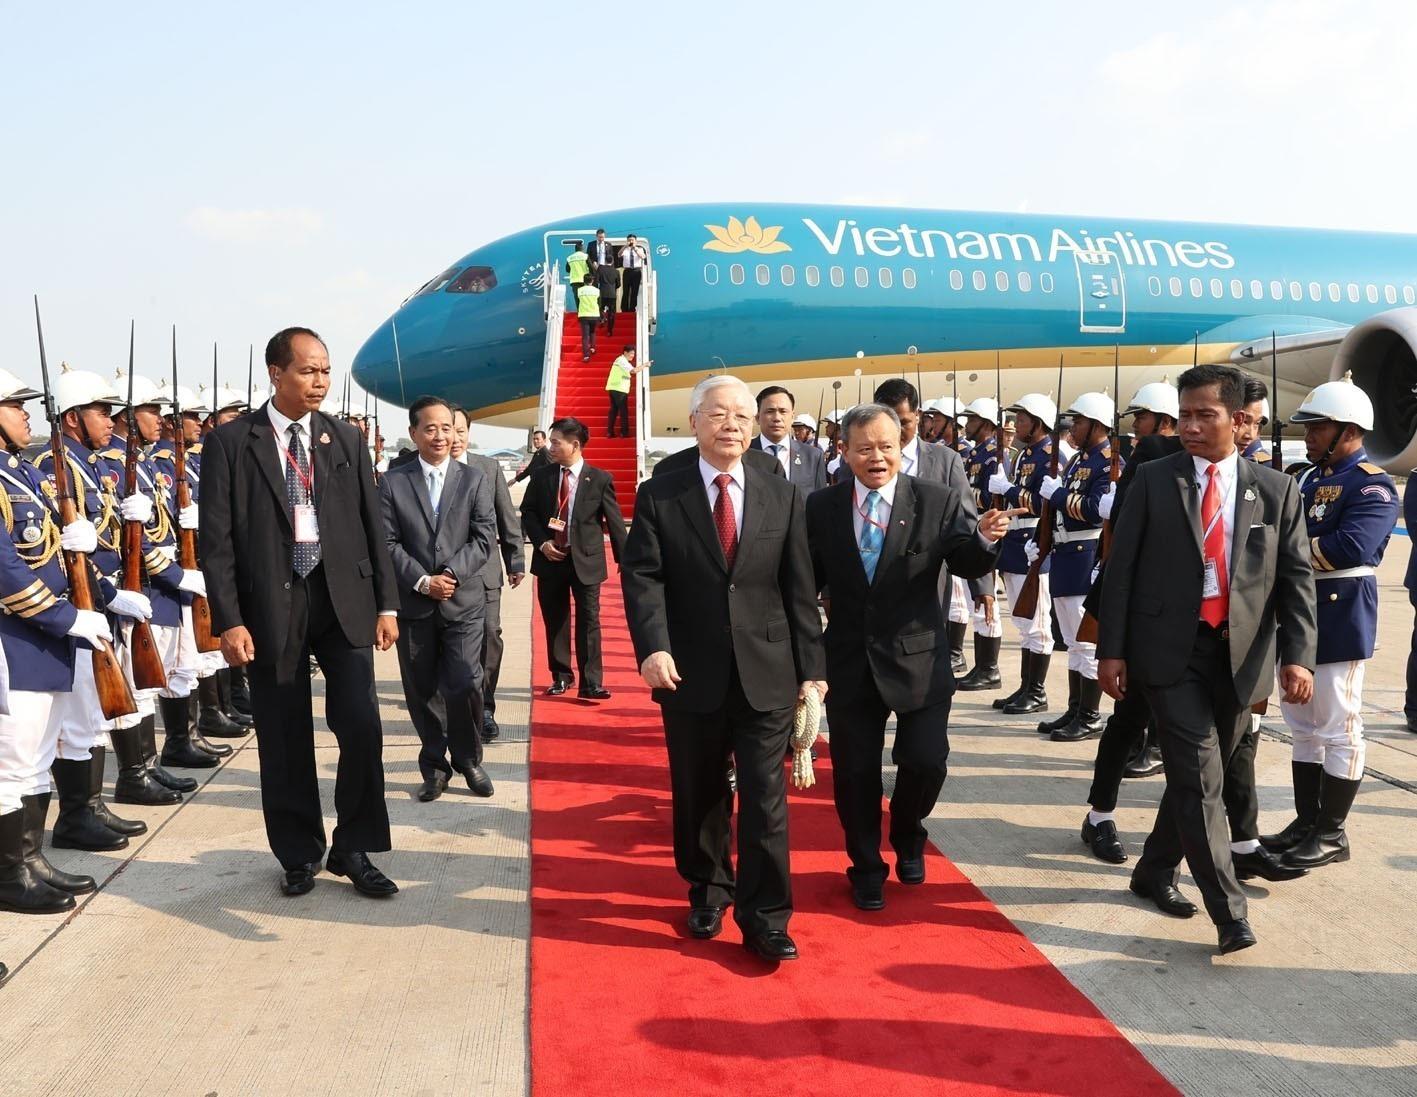 Tổng Bí thư, Chủ tịch nước Nguyễn Phú Trọng bắt đầu chuyến thăm Campuchia